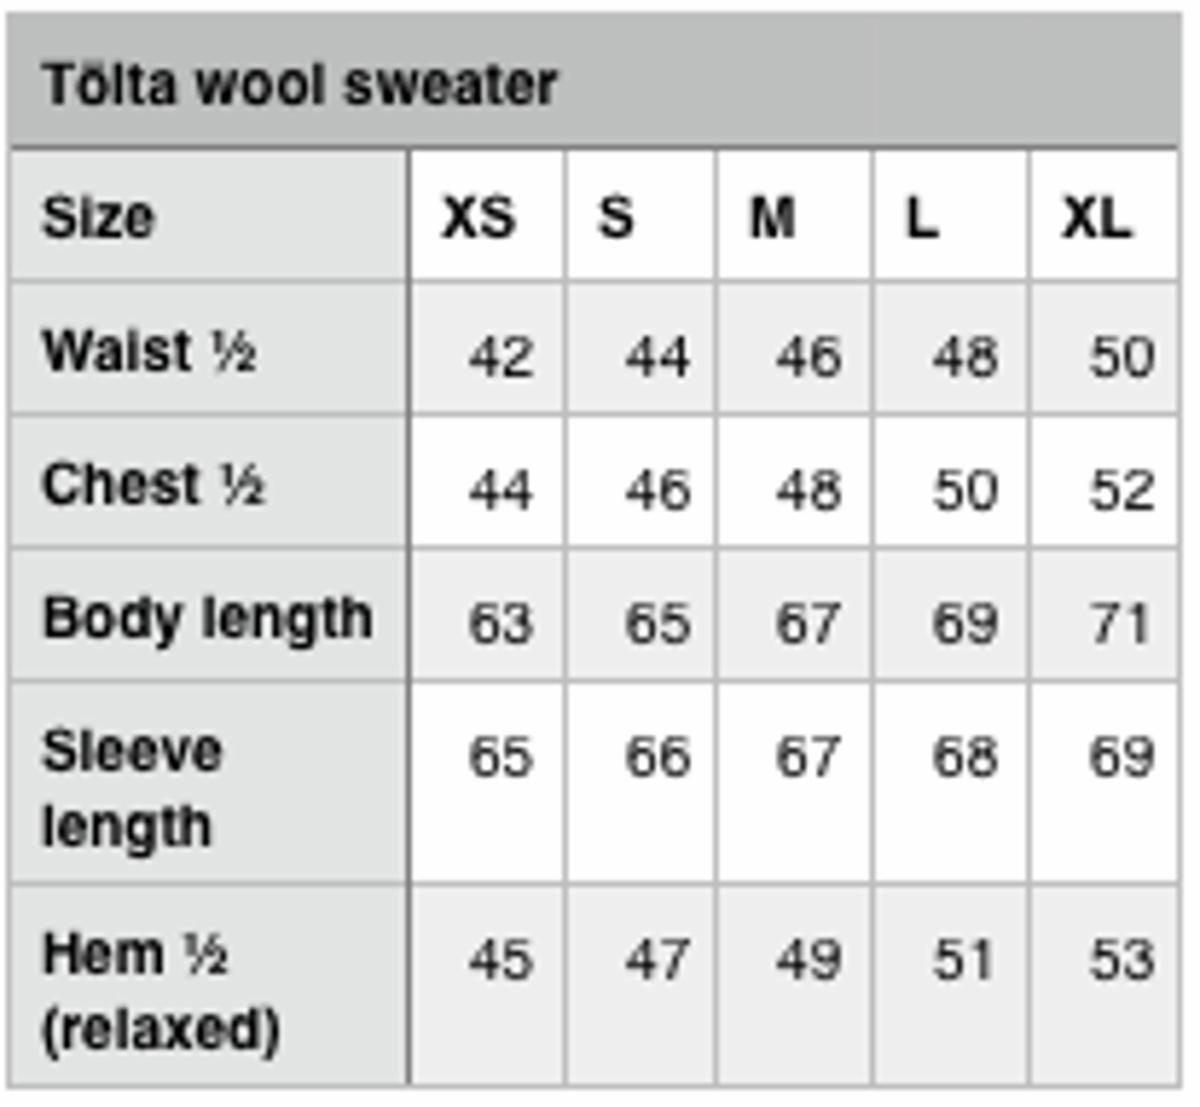 Tölta uldsweater